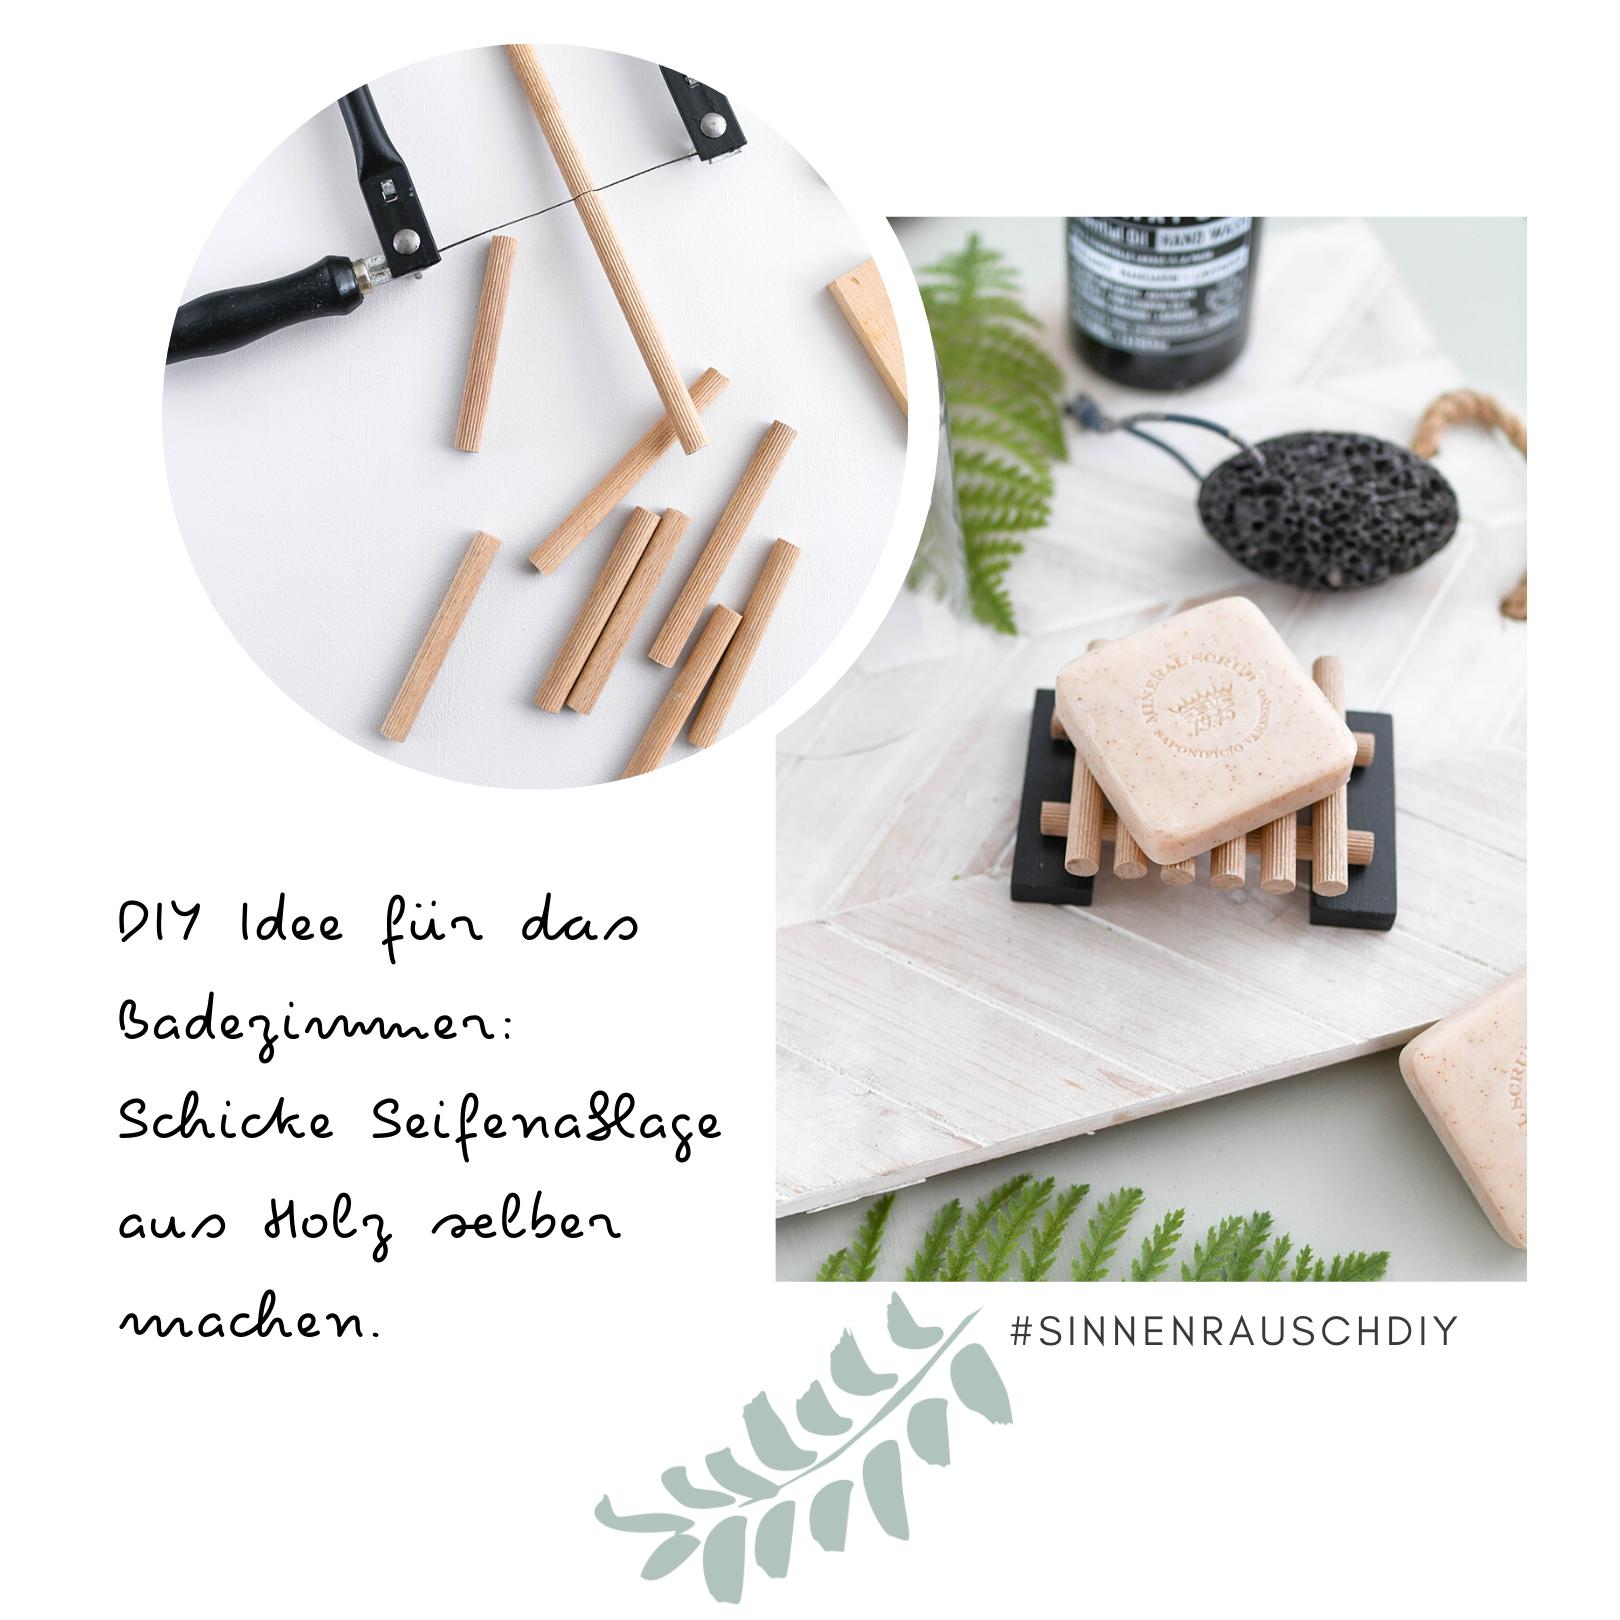 DIY für das Badezimmer: Seifenablage aus Rundhölzern ganz einfach